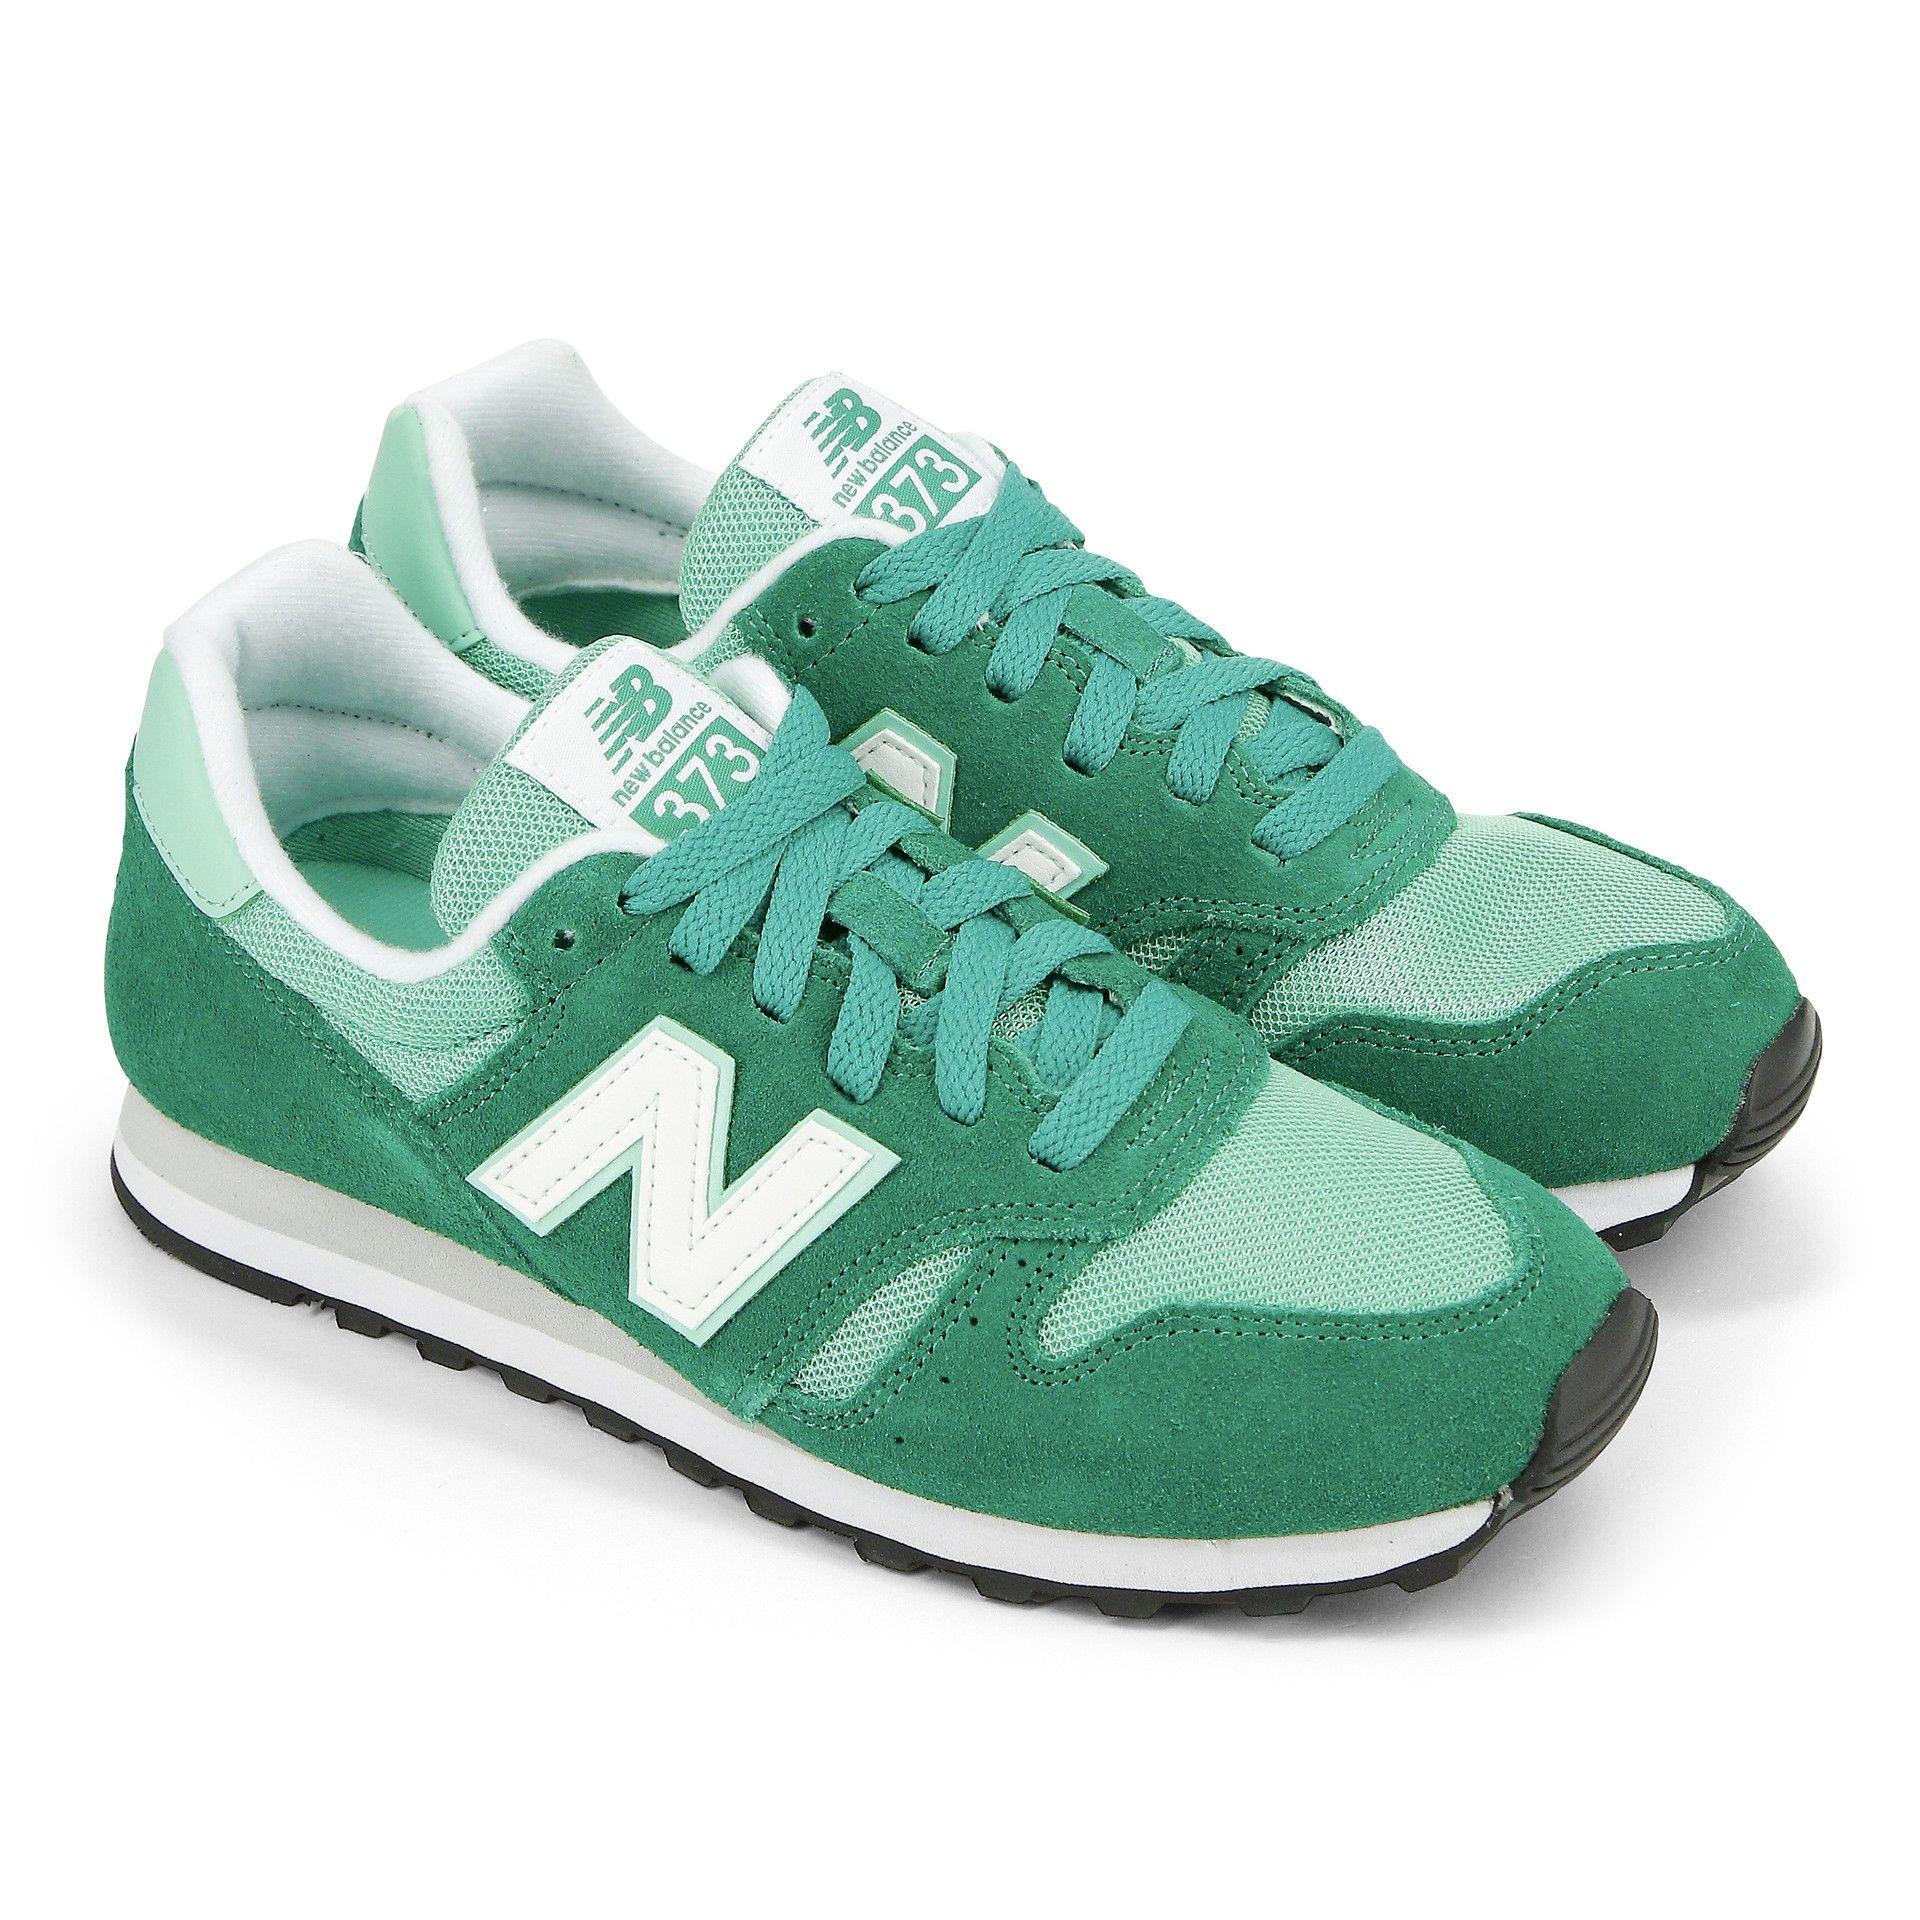 Chaussures De Sport Lage Wl373 Nouvel Équilibre nwJutGw